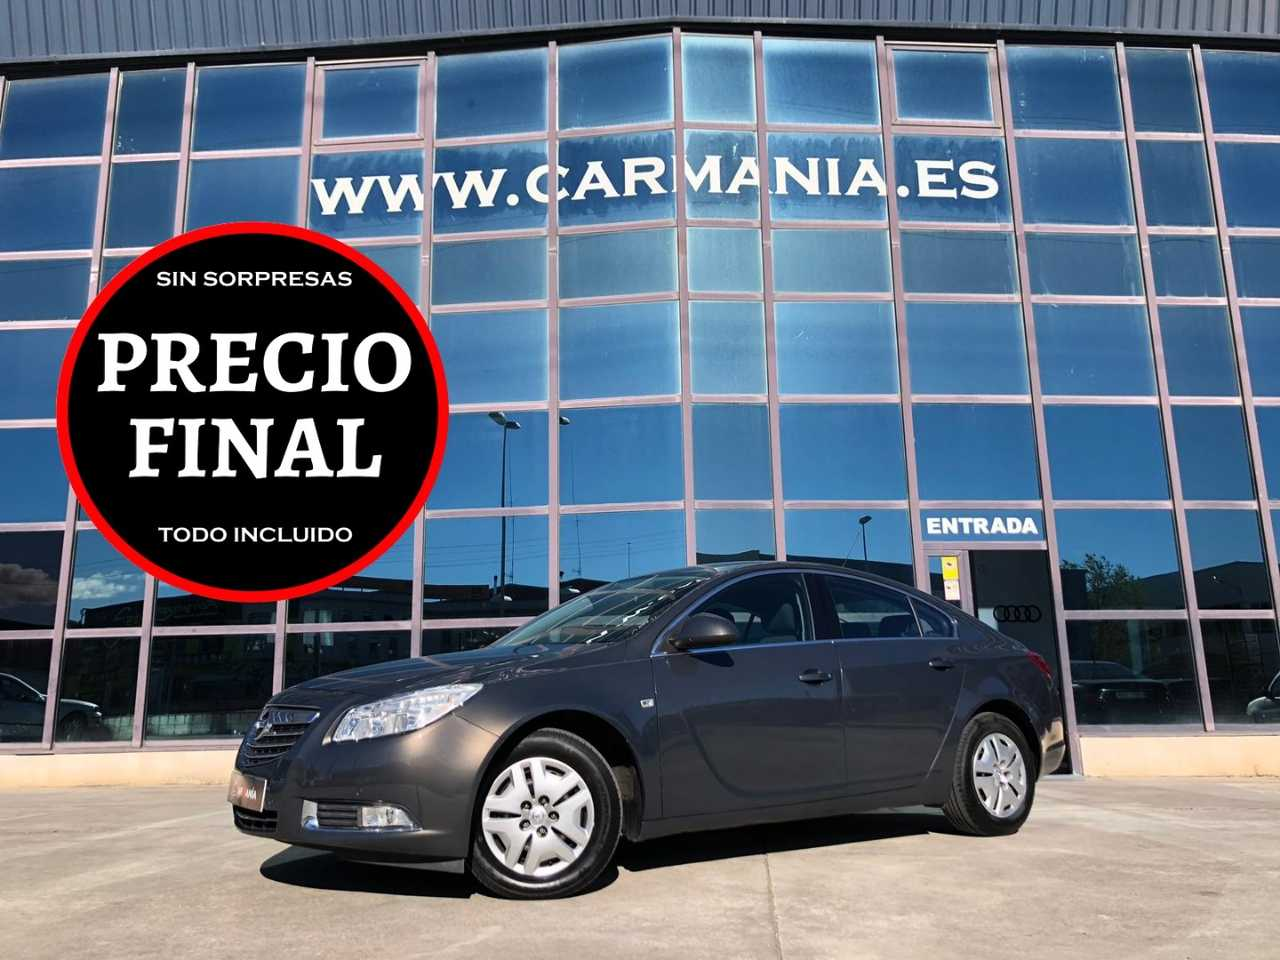 Opel Insignia  2.0 CDTI Selective 130cv  - Foto 1